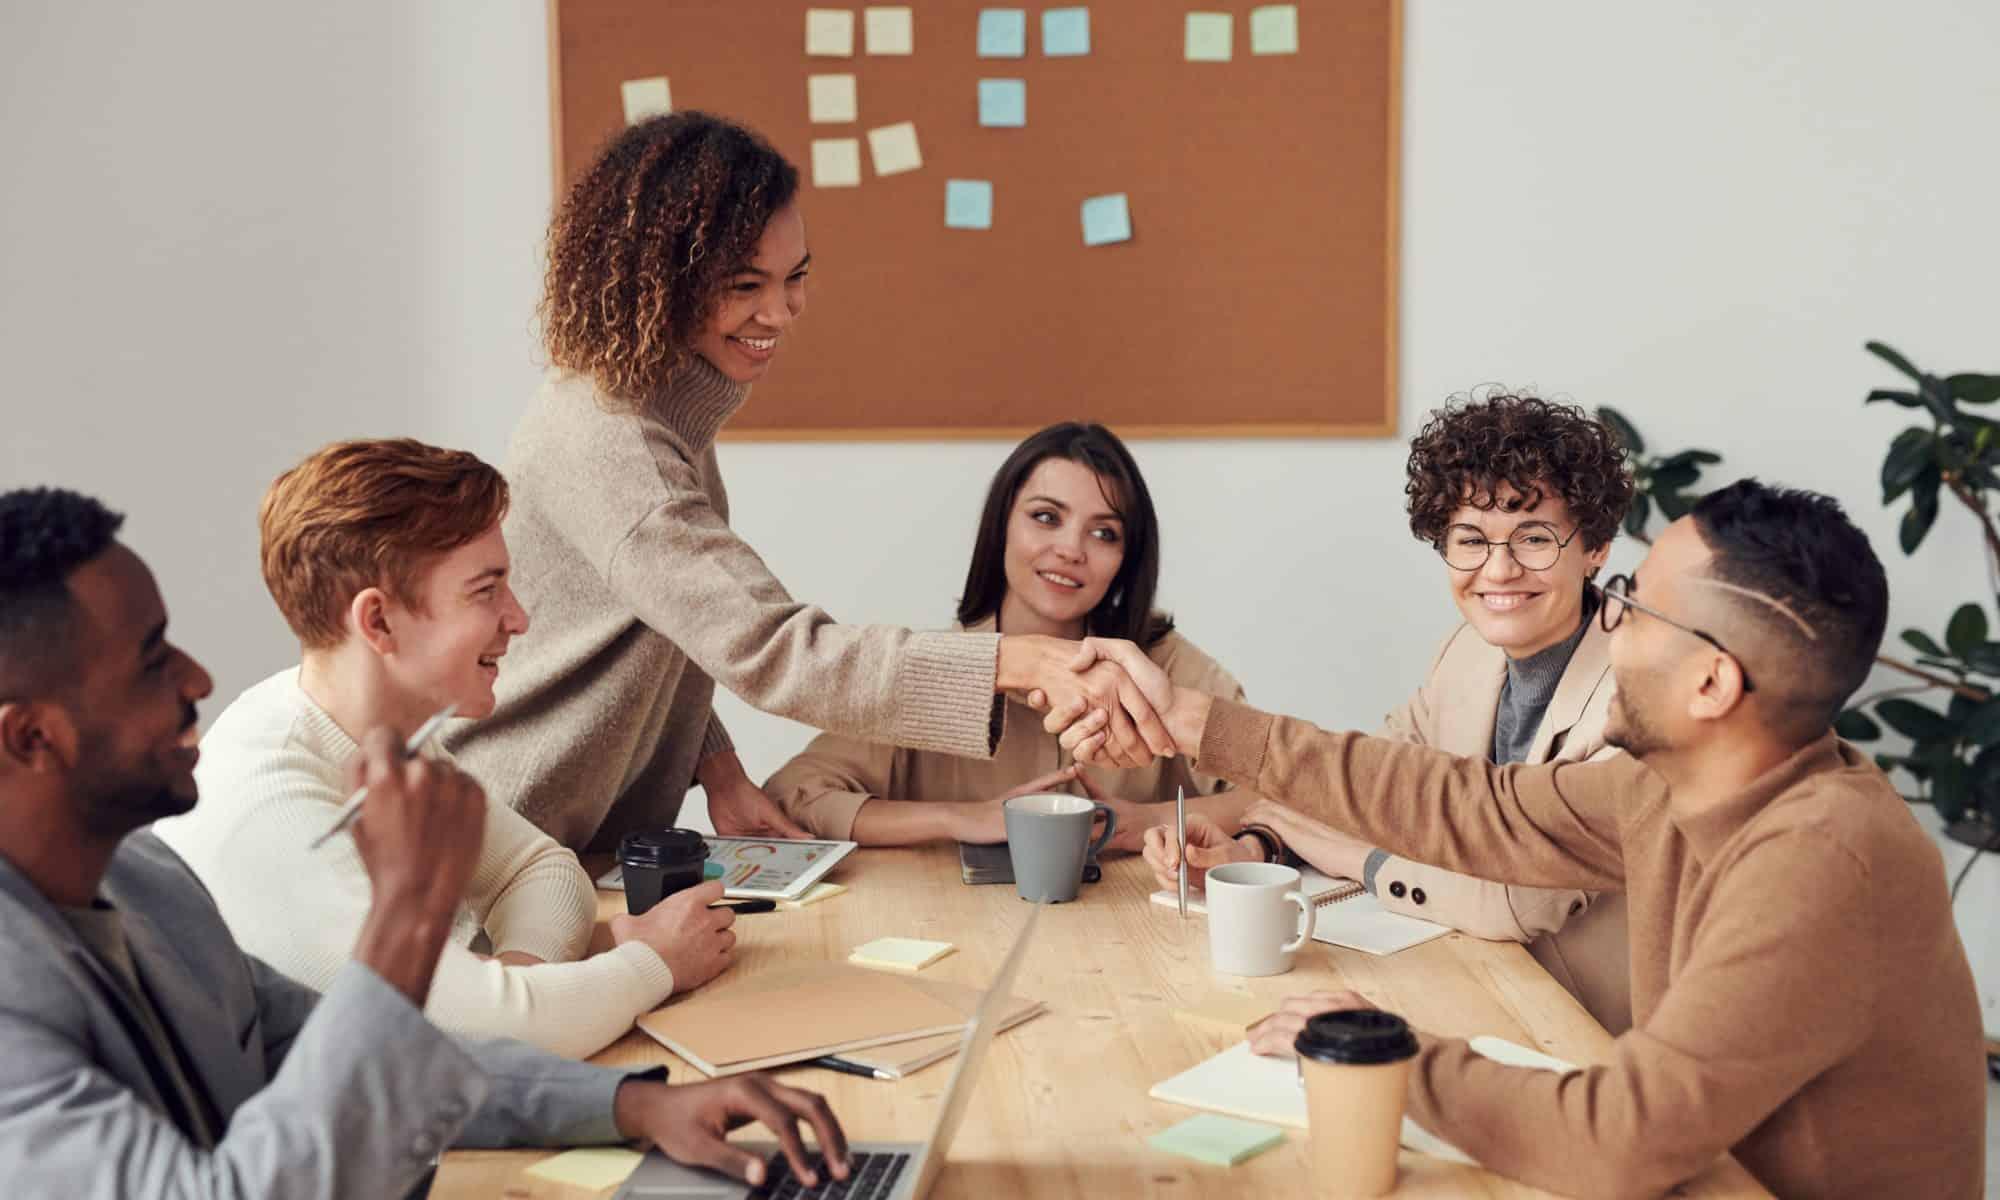 Ludzie w pracy spotykają się i ściskają ręce